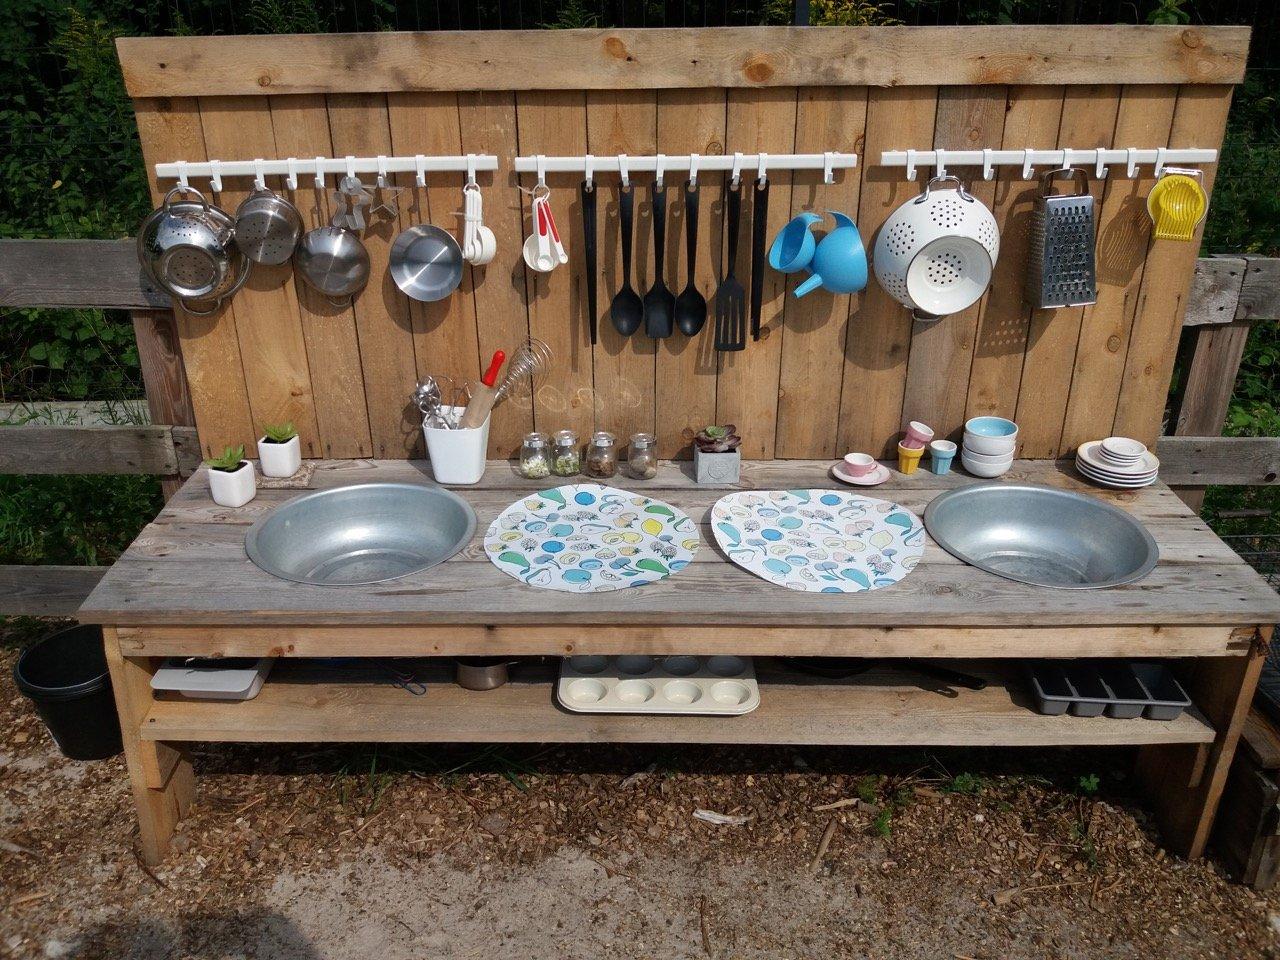 kuchnia plenerowa dla dzieci